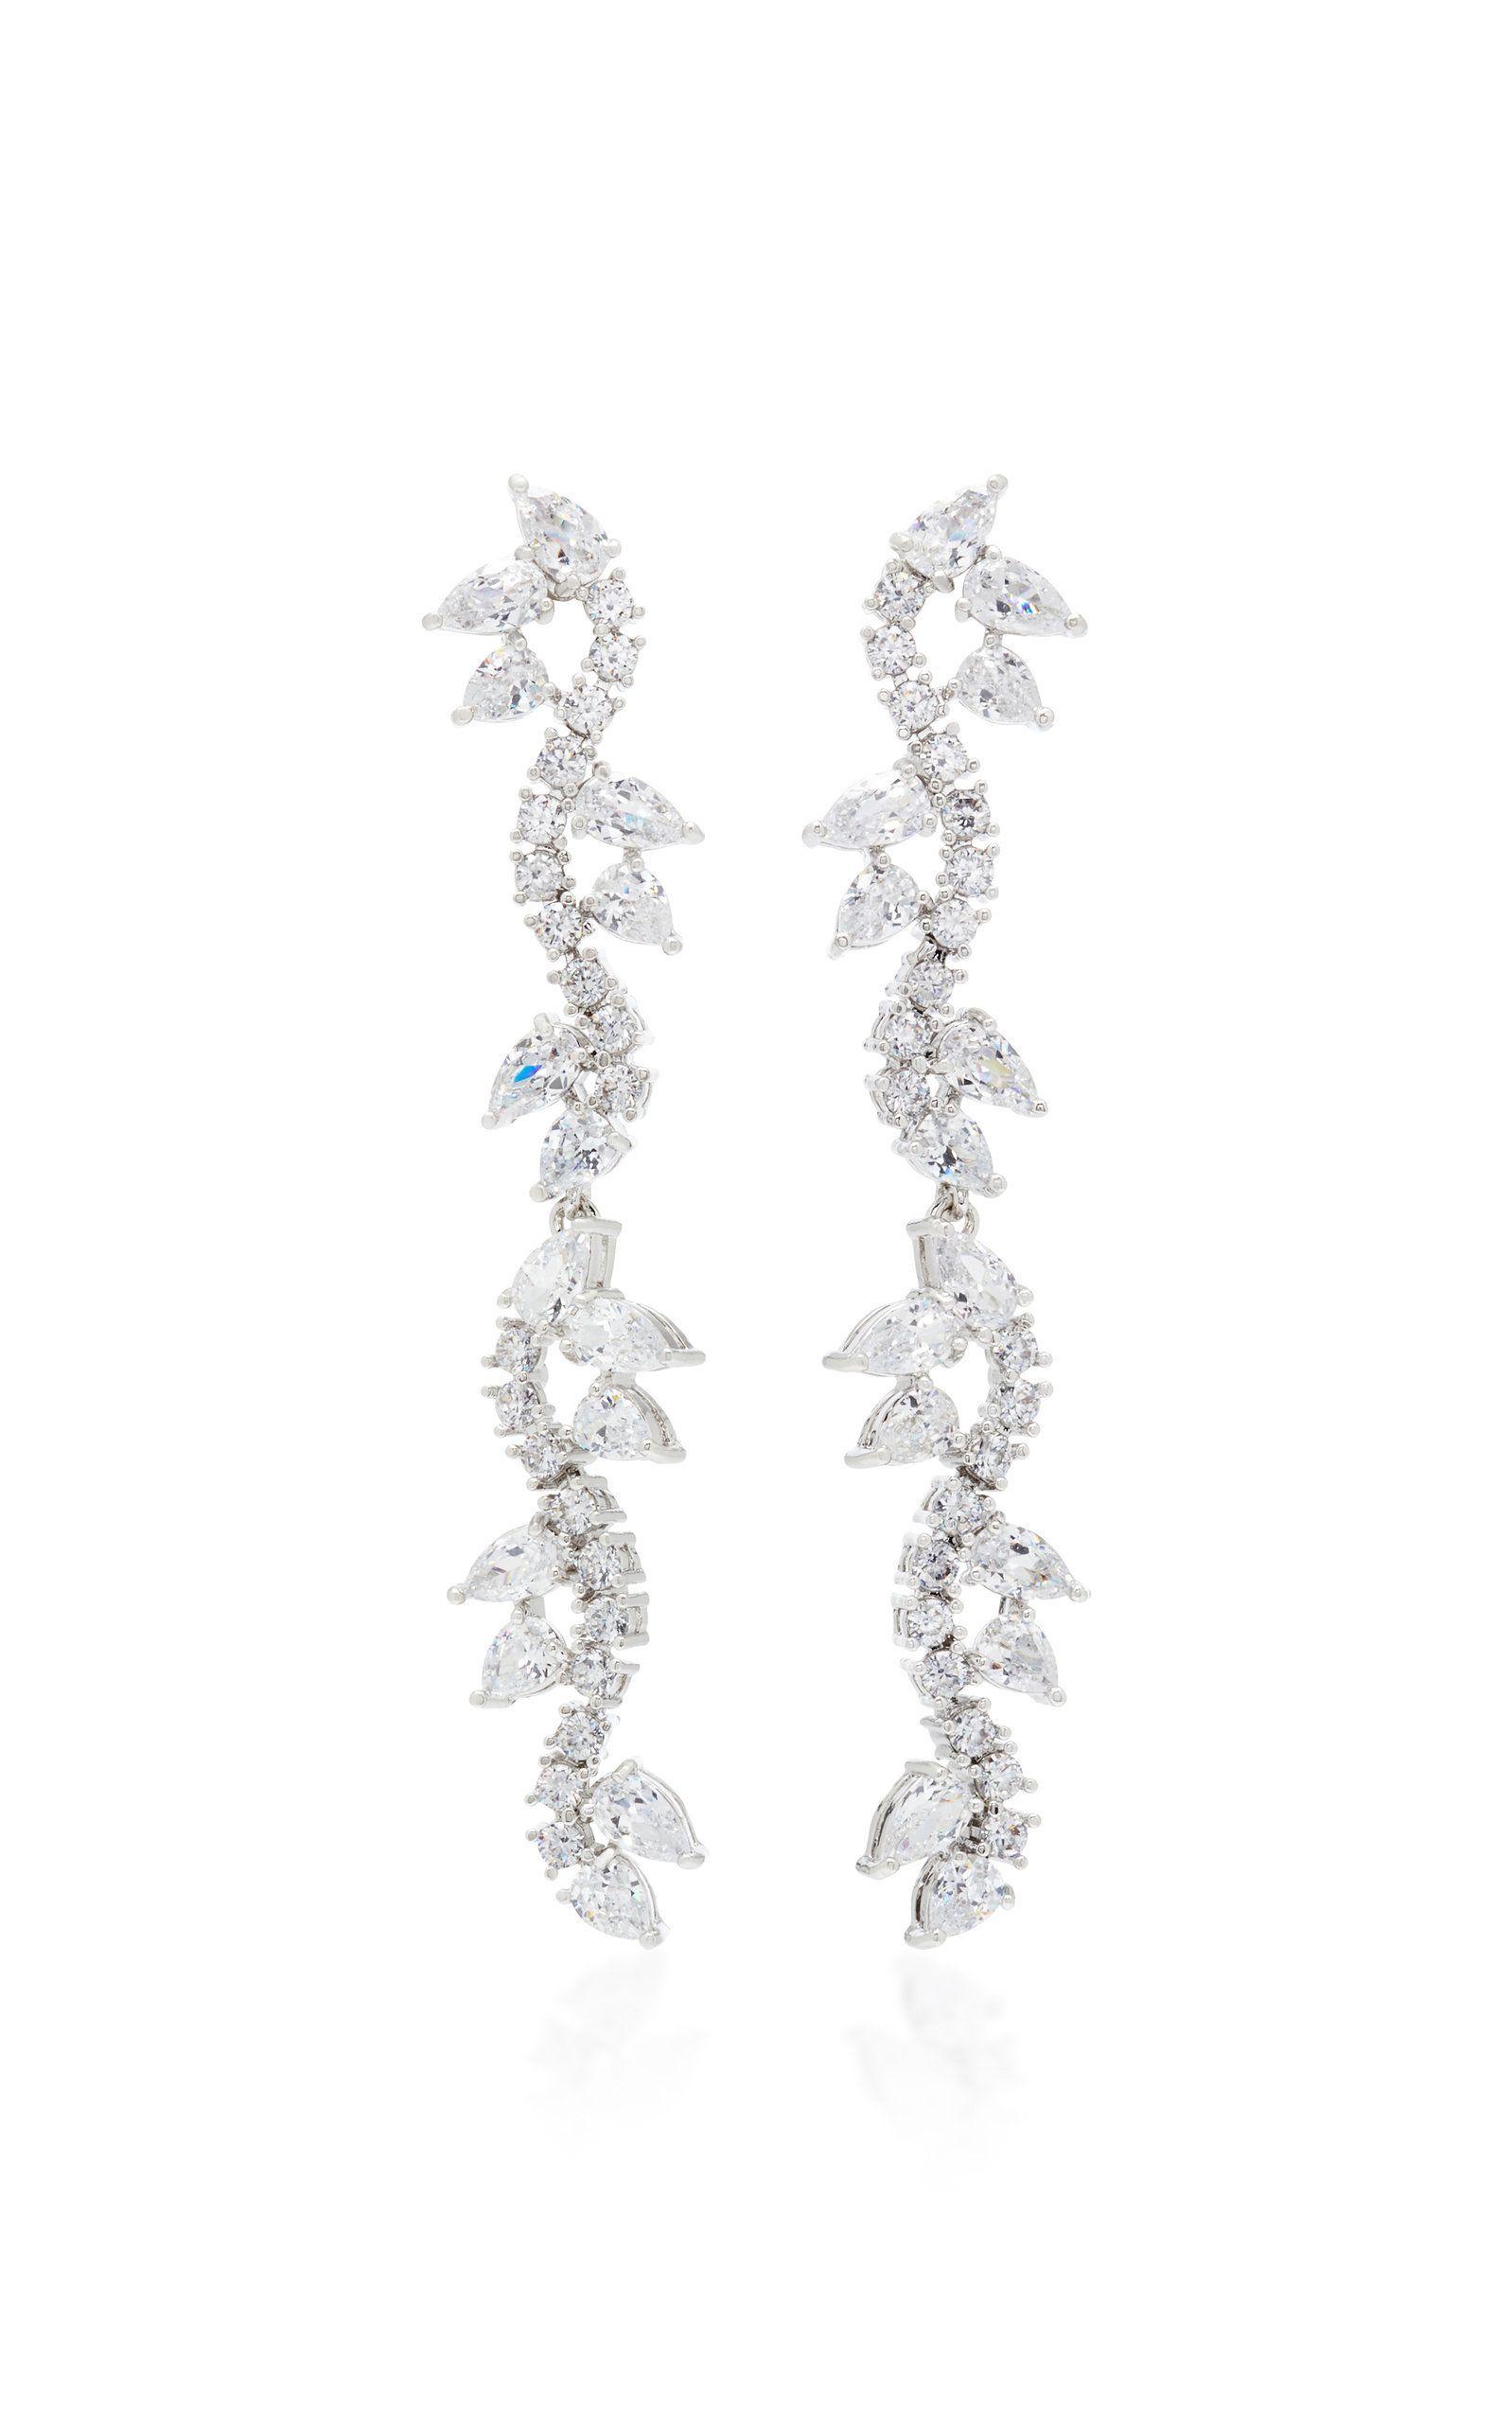 Silver-Plated Crystal Earrings Fallon byW2j8